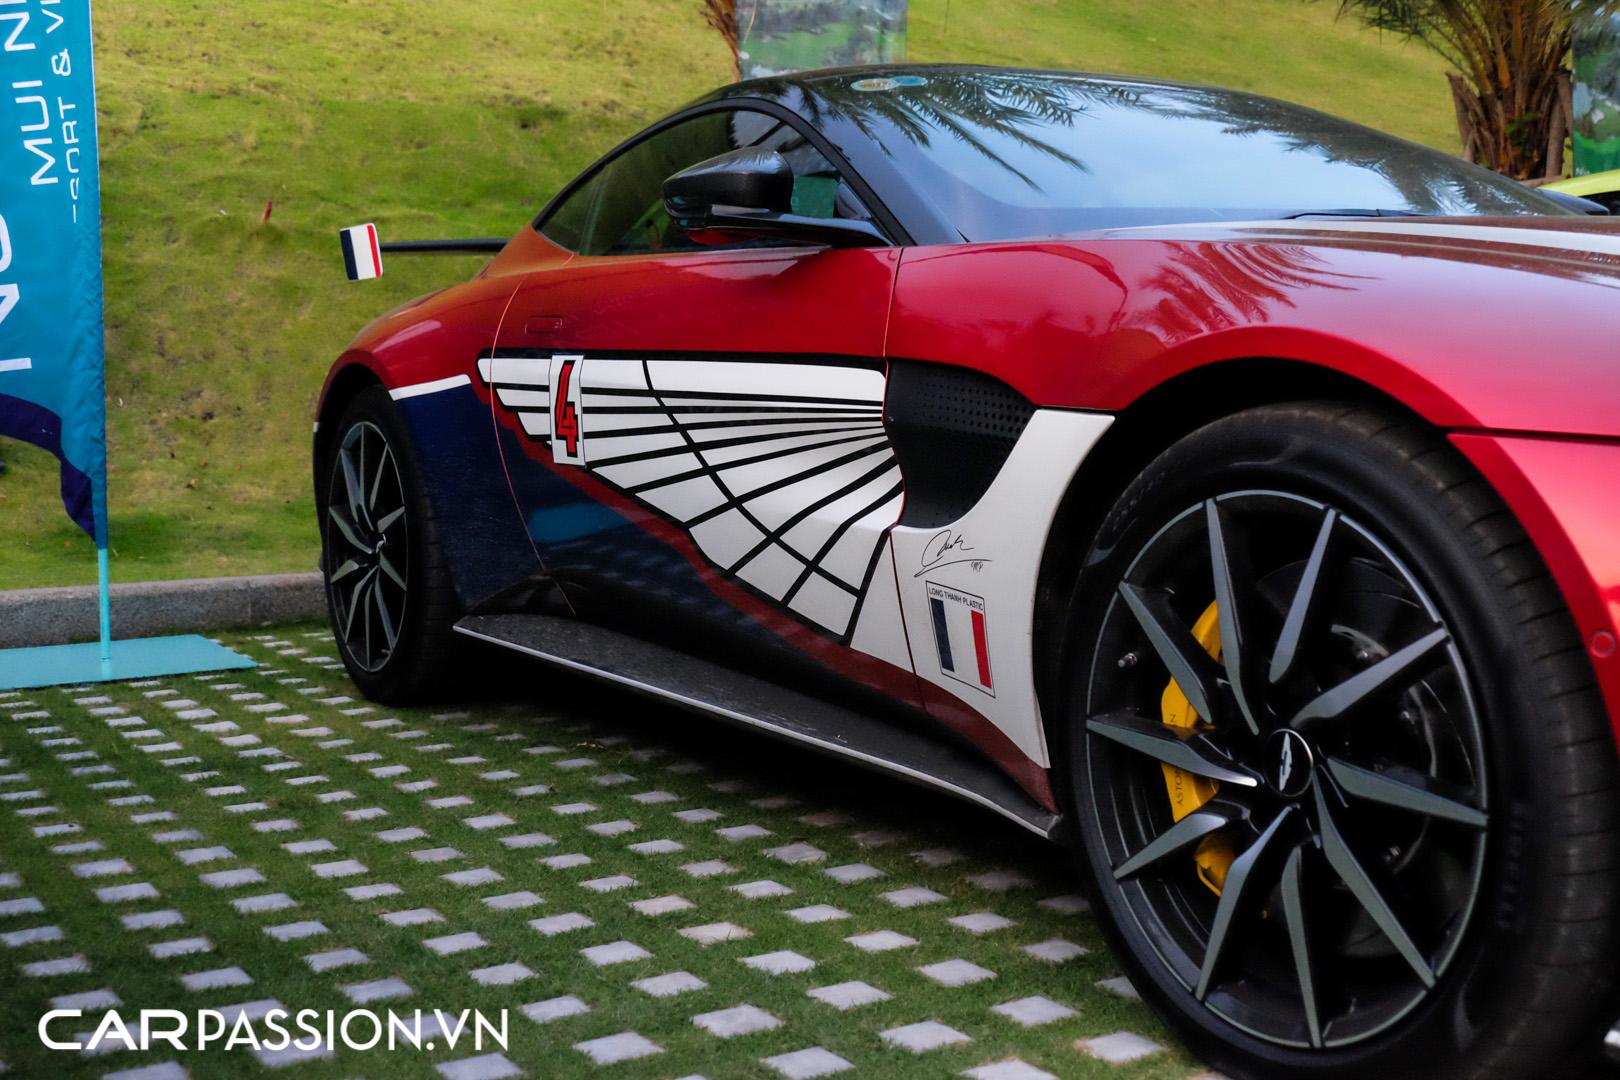 Aston Martin Vantage của doanh nhân Phạm Trần Nhật Minh (11).JPG